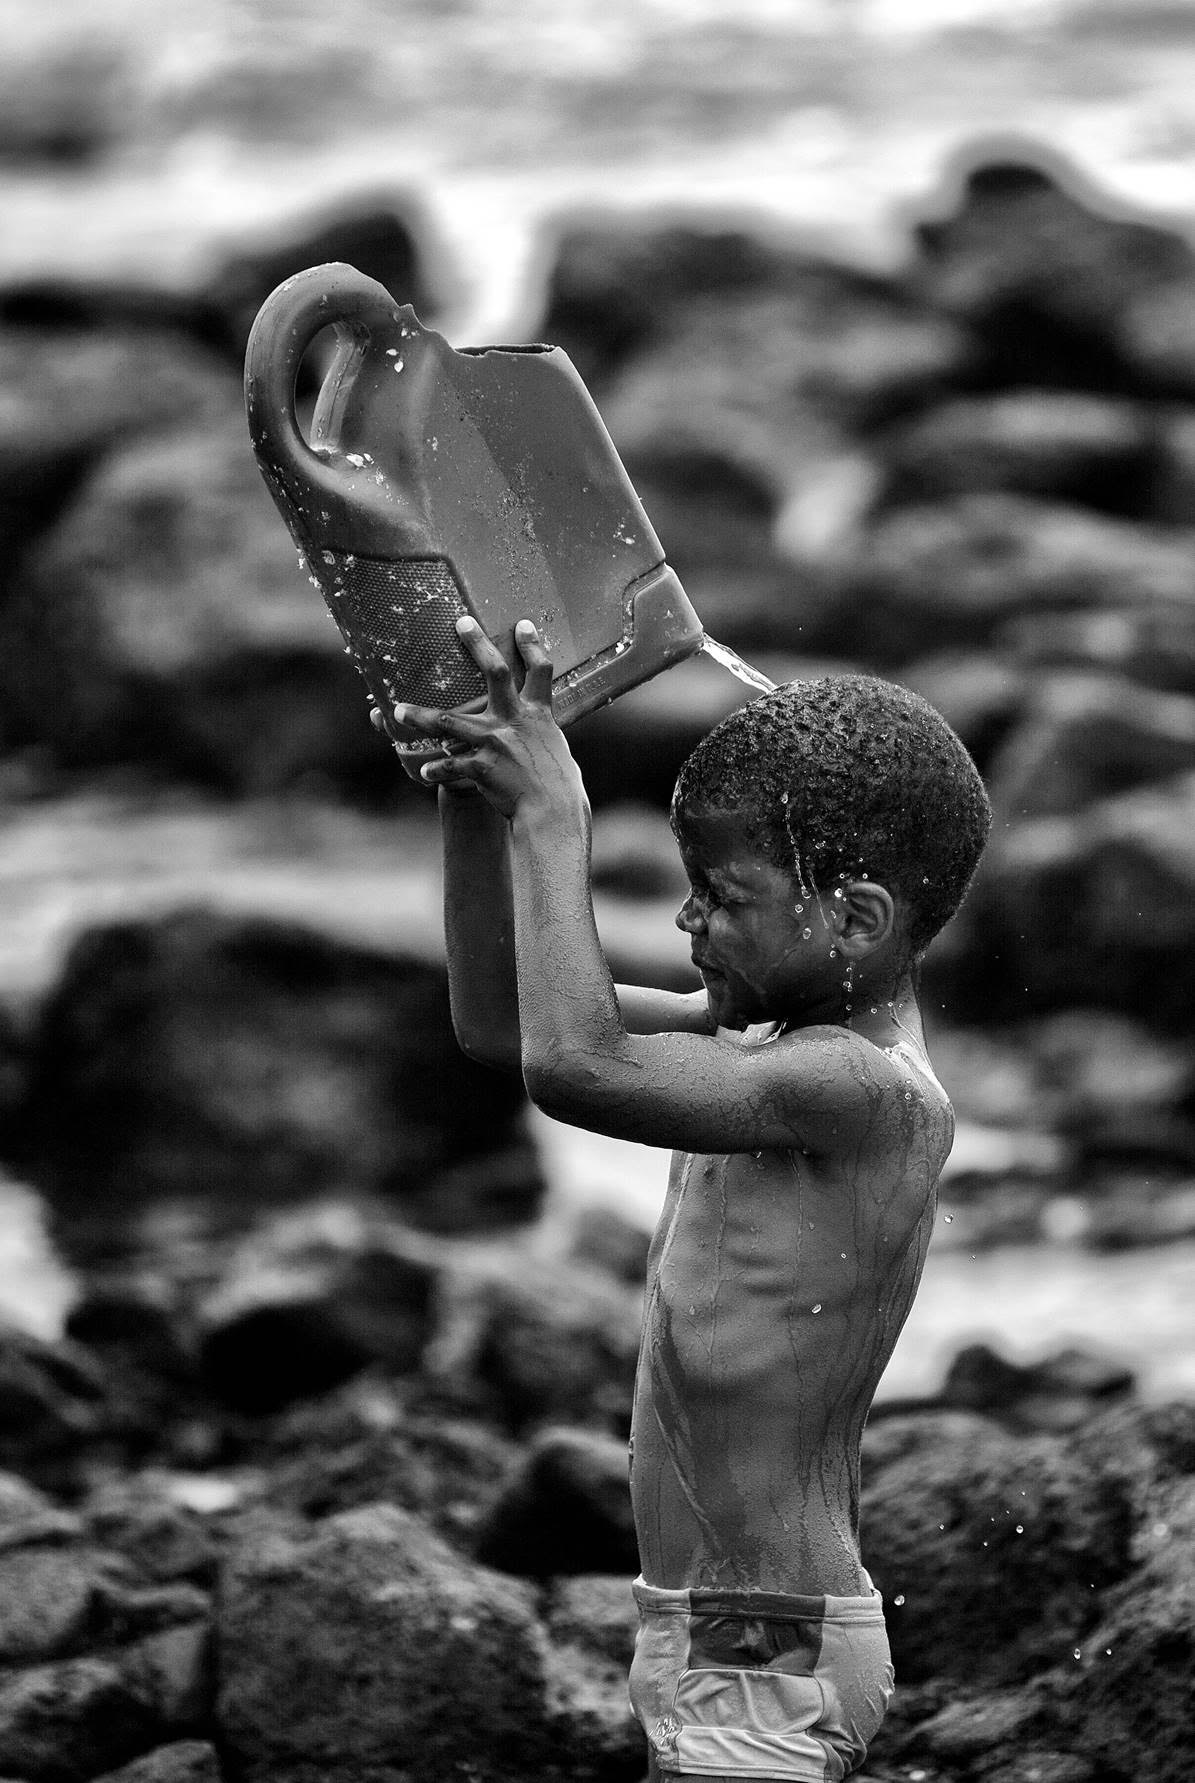 Fotografía ganadora de la edición del año pasado del premio fotográfico PhotoAquae